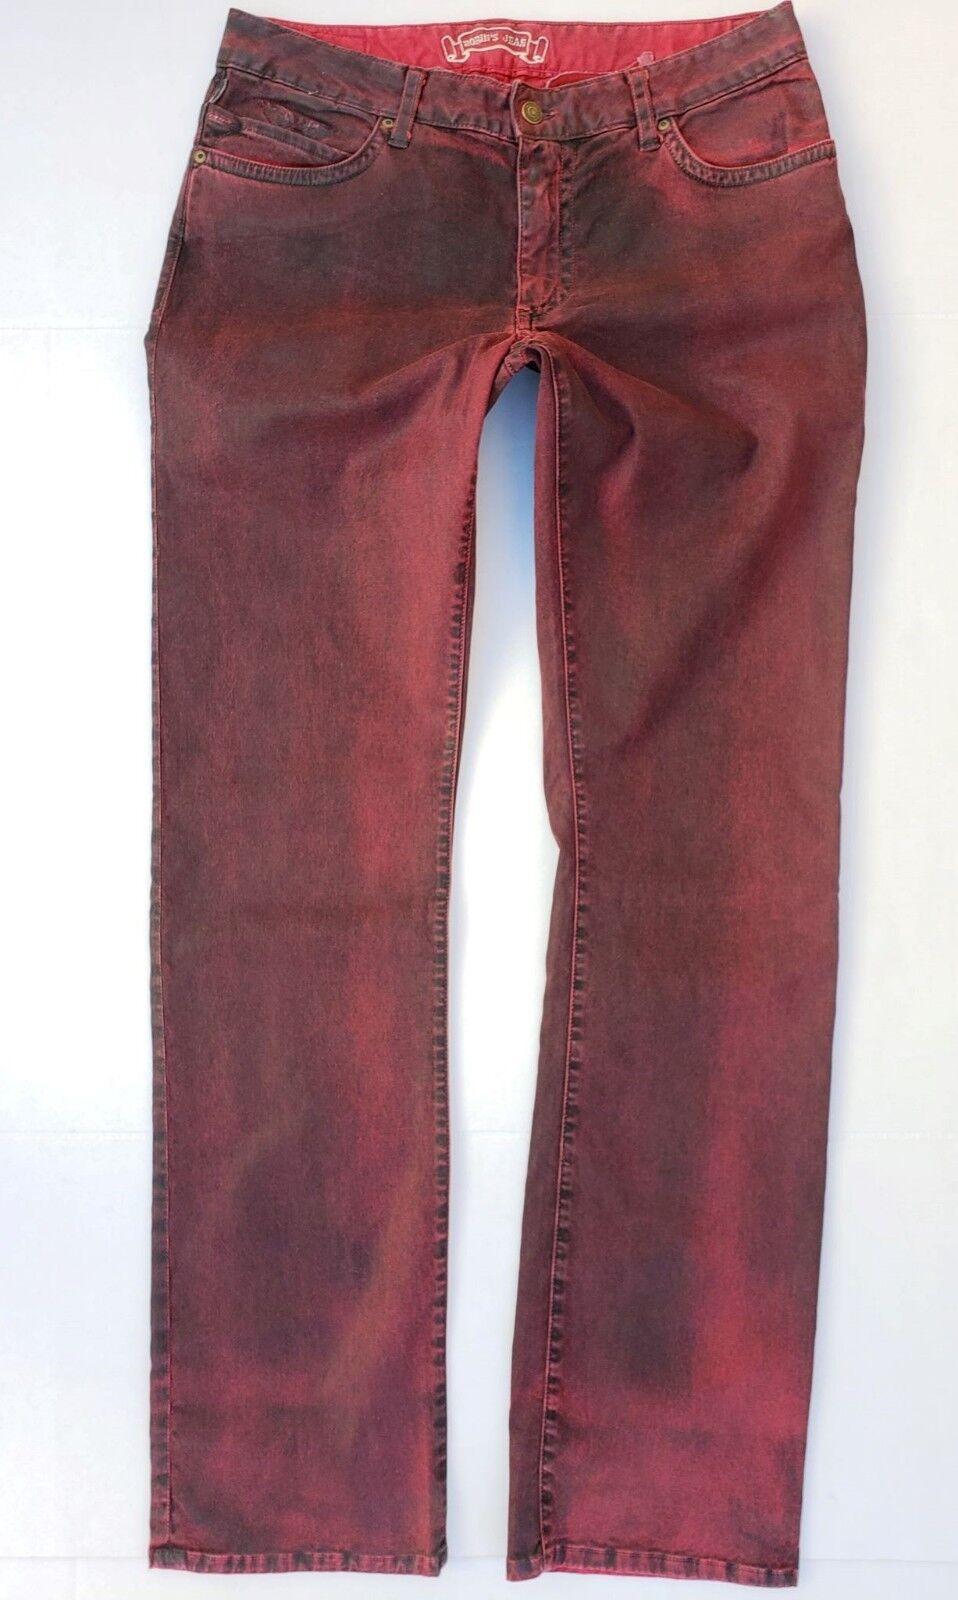 Neu Herren ROTKEHLCHEN Jeans Sz 32 Marlon Gerades Bein Beschichtete Jeans